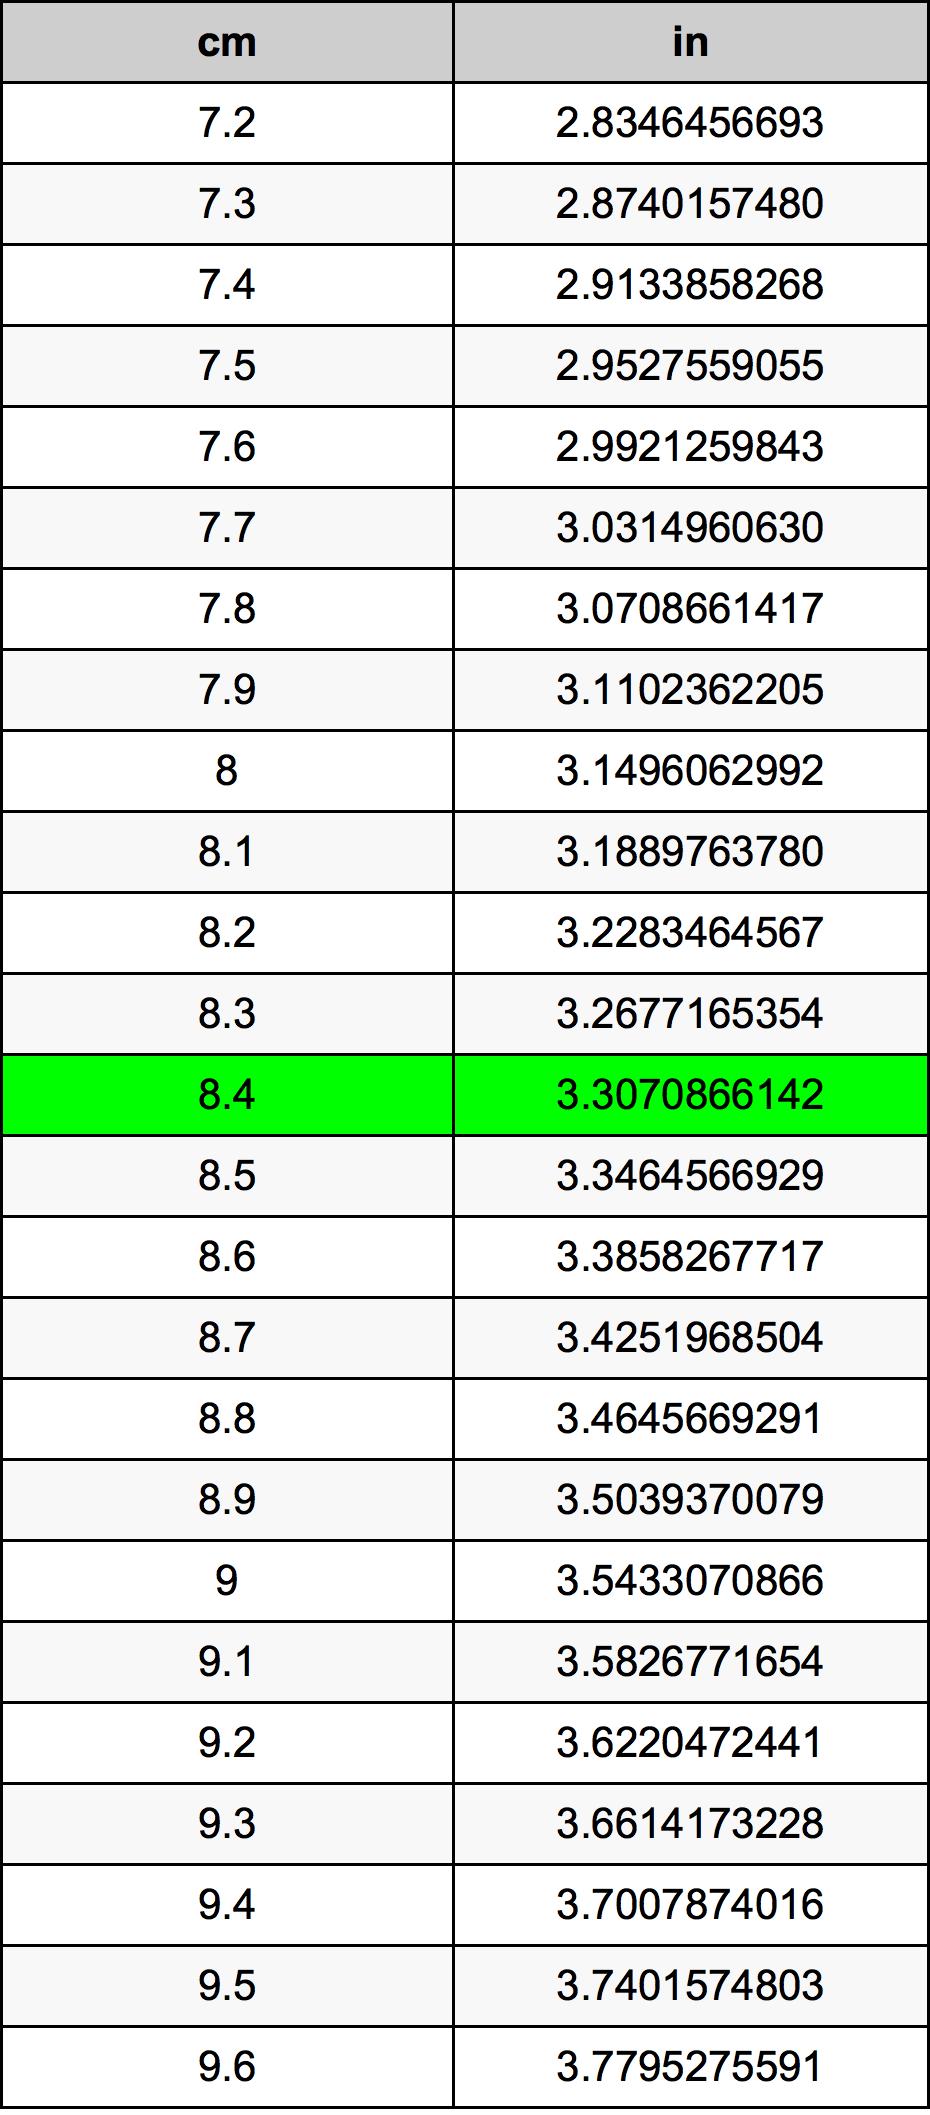 8.4 Centimeter omregningstabel